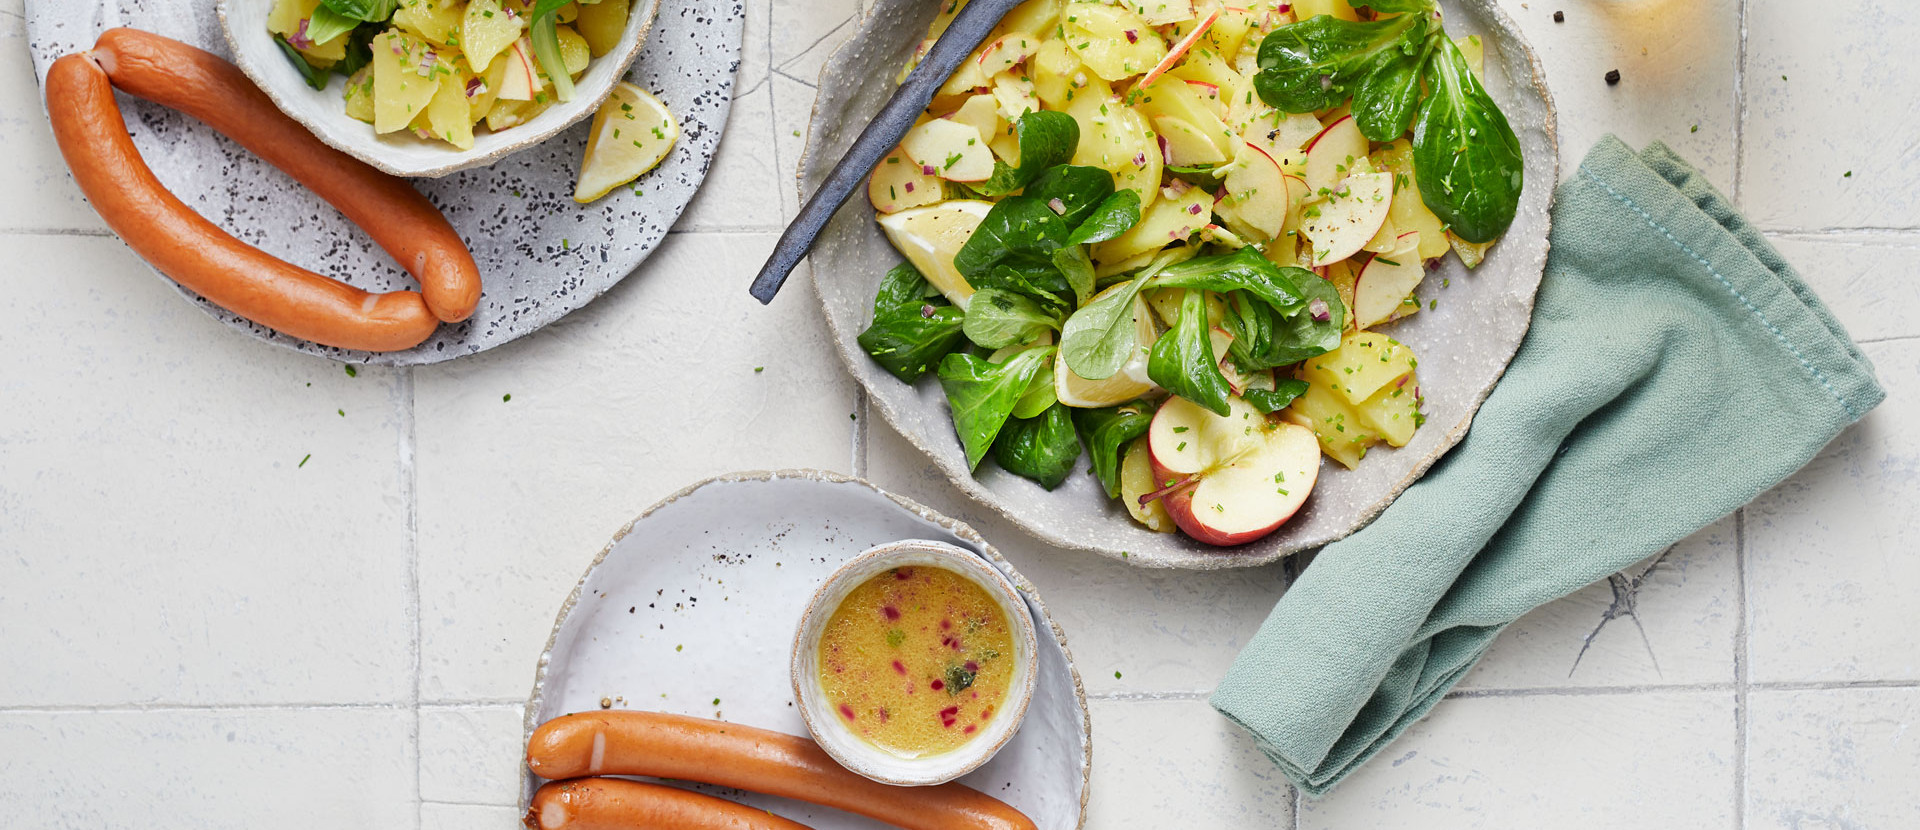 Würstchen mit Kartoffelsalat